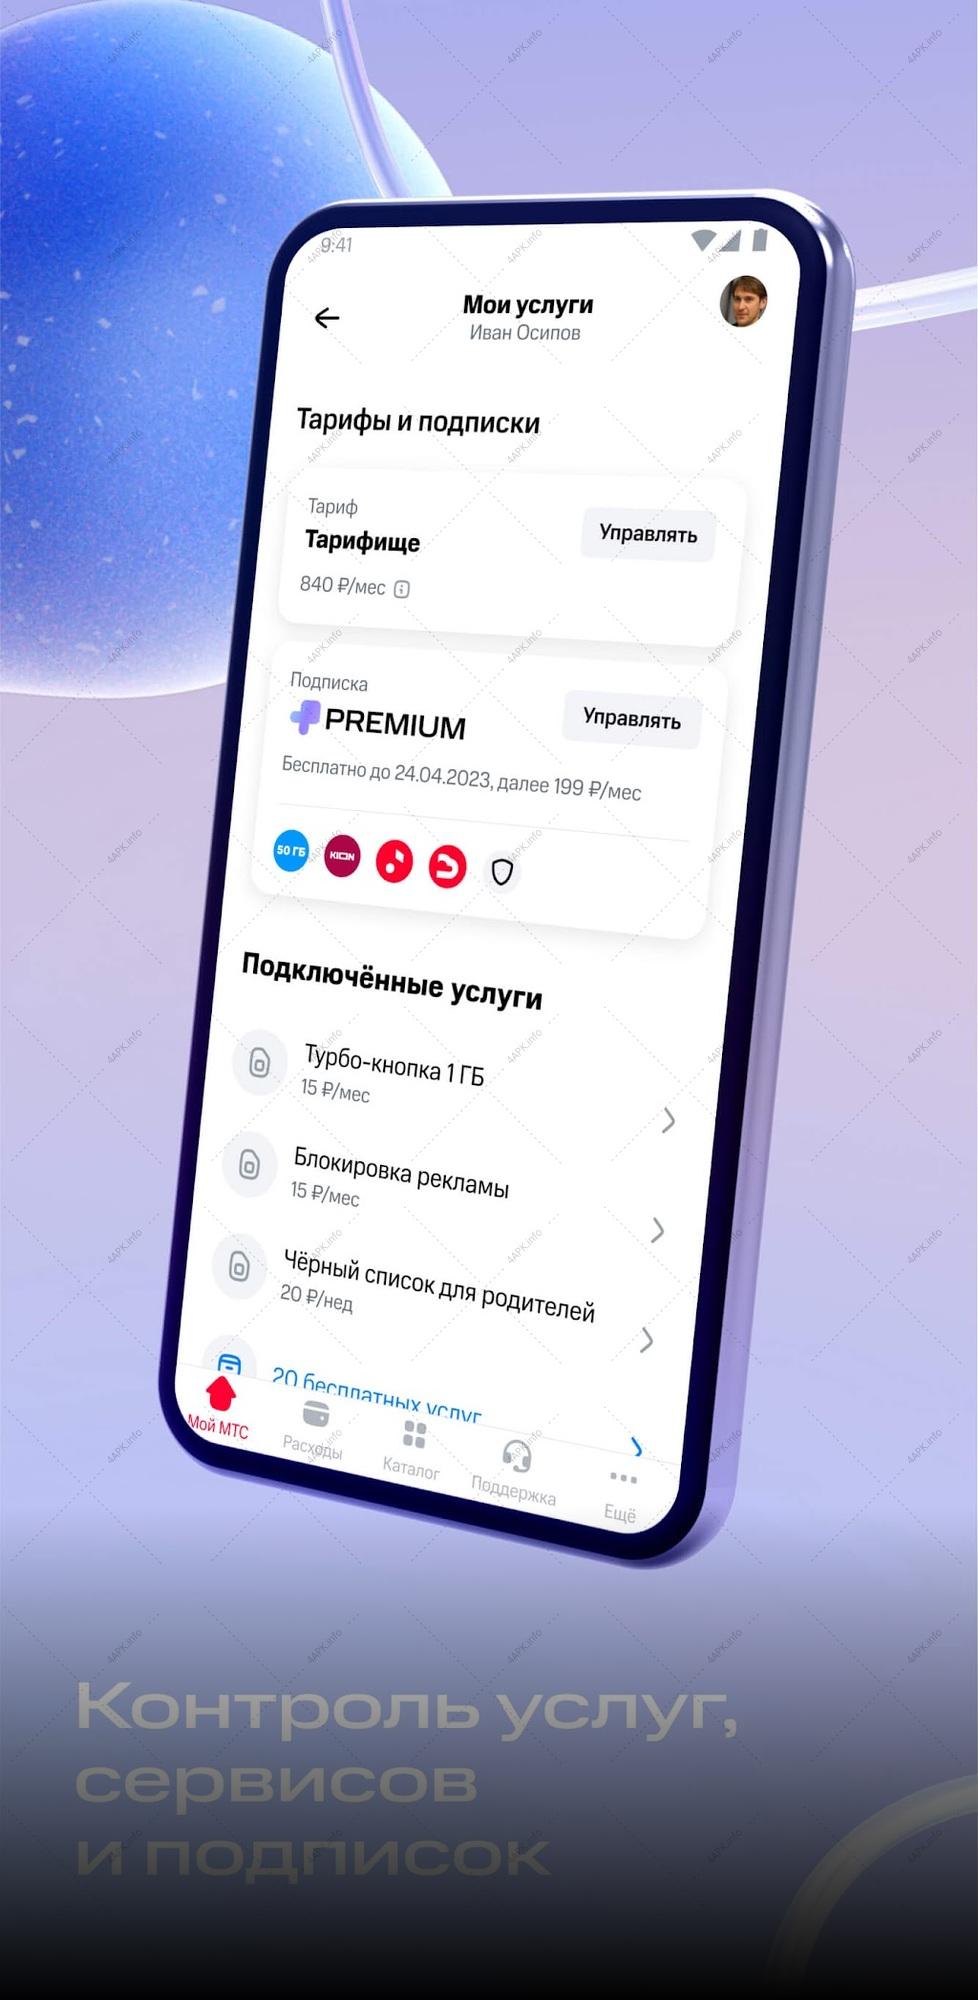 Скачать бесплатно мой мтс приложение самоучители по программам скачать бесплатно